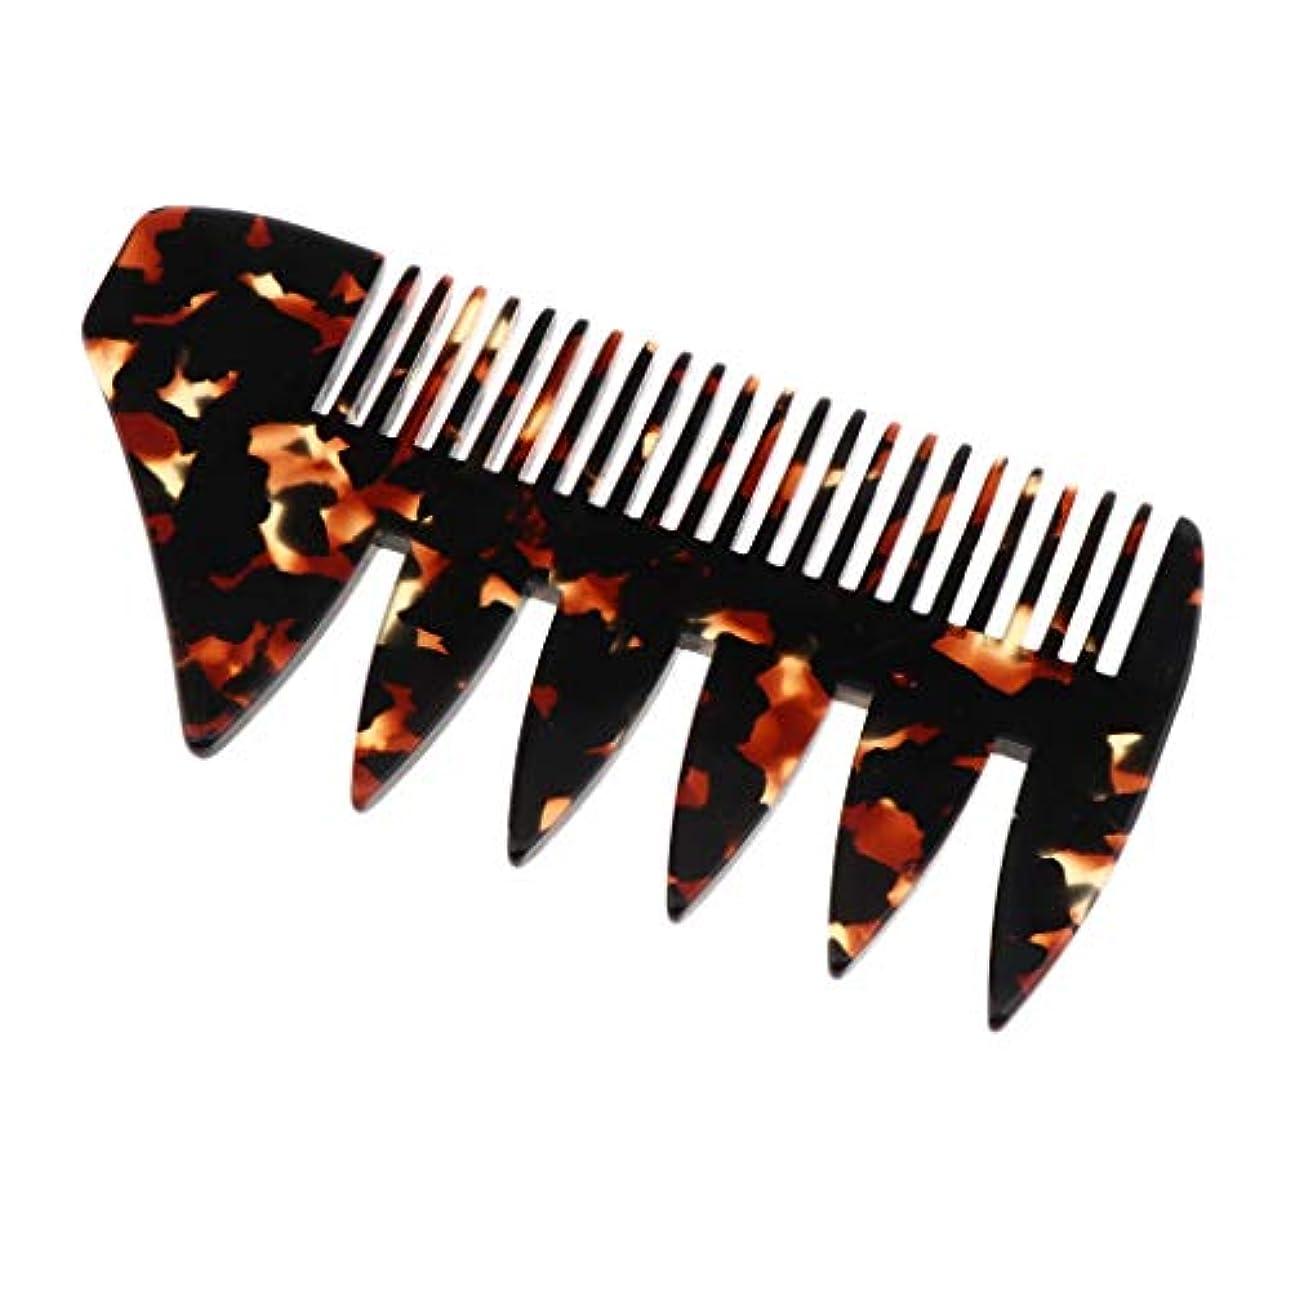 ブランデーアカデミー滑る全4色選択 ヘアコーム ヘアブラシ 頭皮マッサージ 広い歯 木製櫛 帯電防止 - 黒